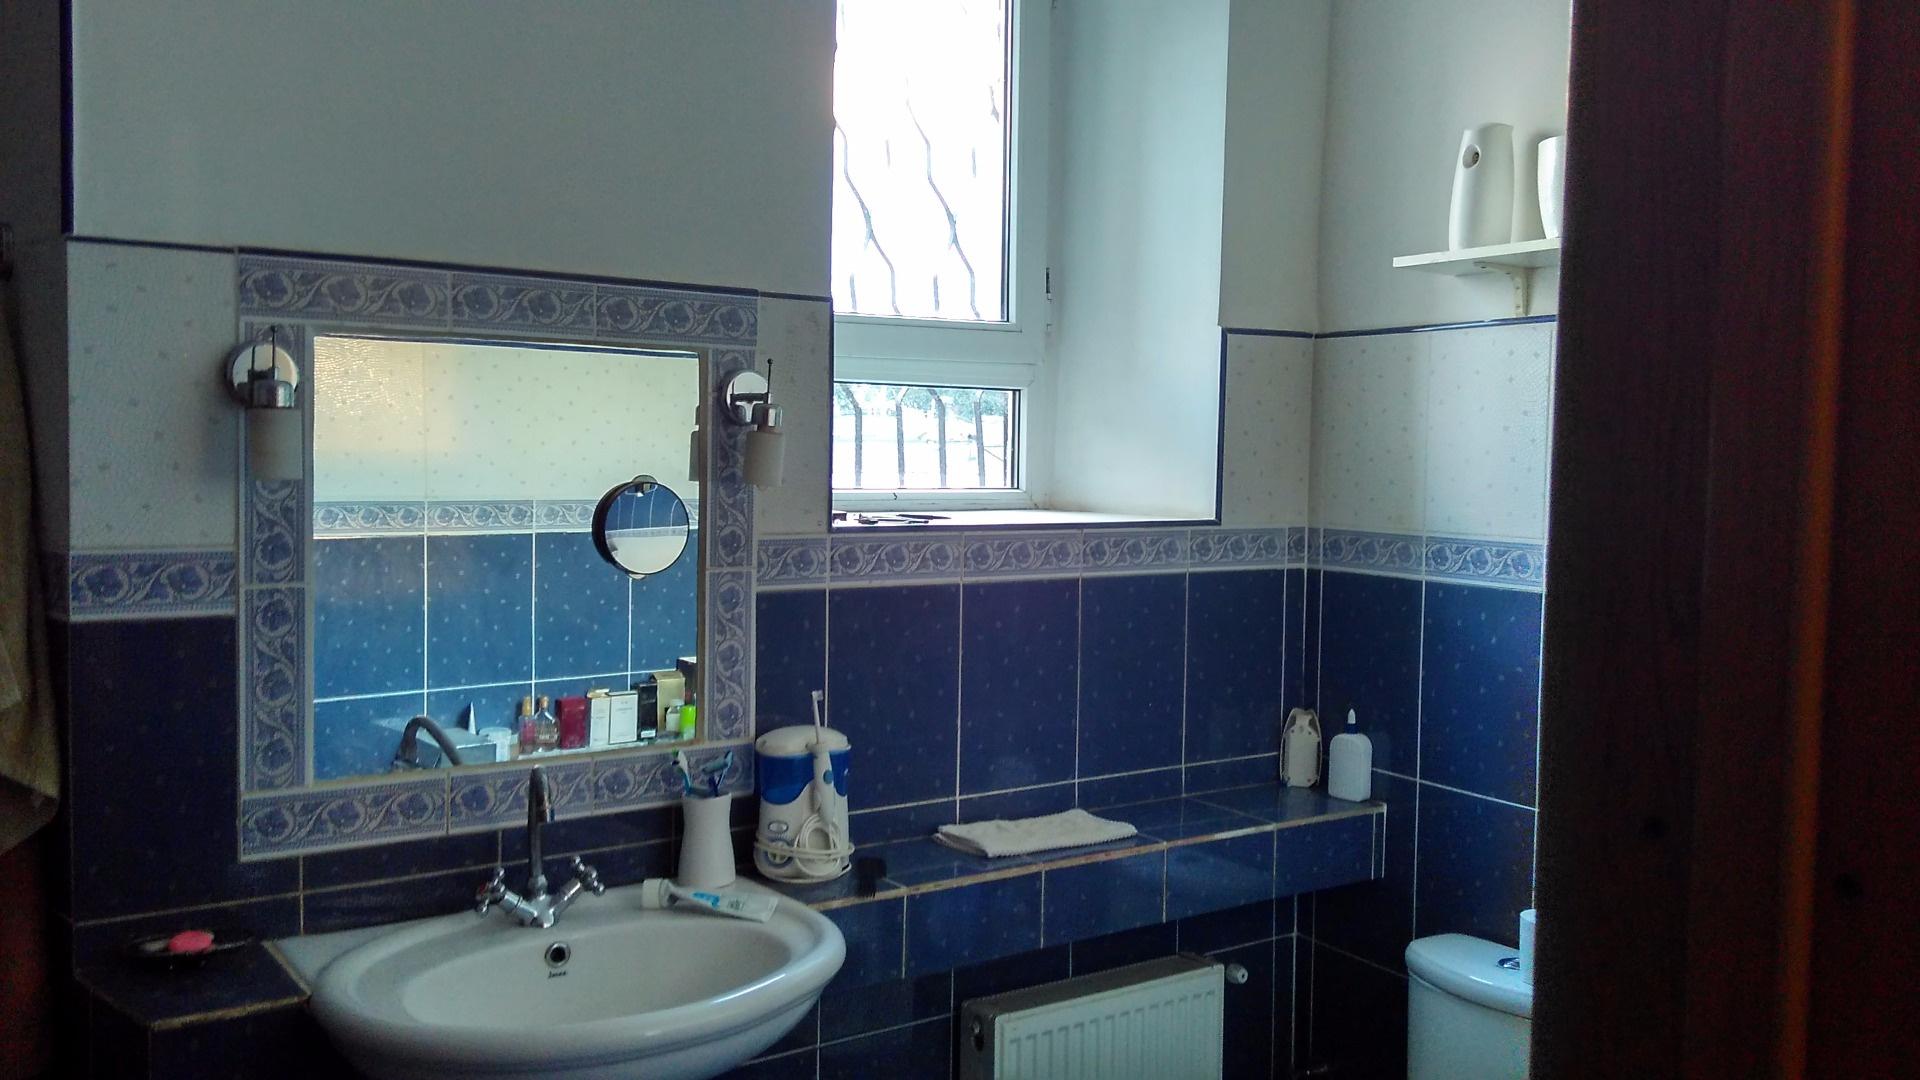 Продается 3-комнатная квартира на ул. Малая Арнаутская (Воровского) — 130 000 у.е. (фото №18)